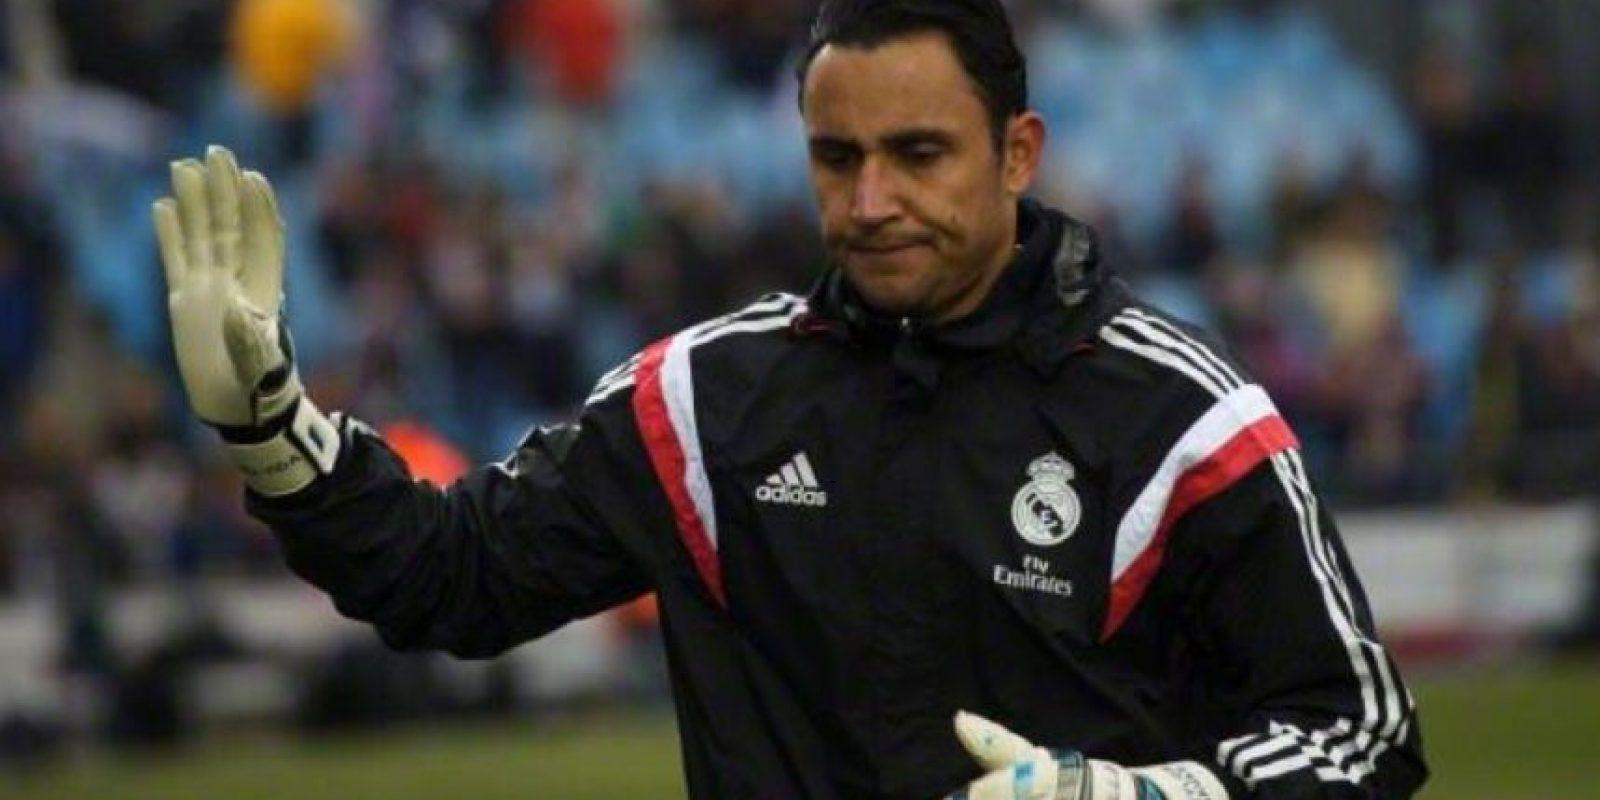 El arquero costarricense Keylor Navas no seguiría en el club. Foto:Twitter